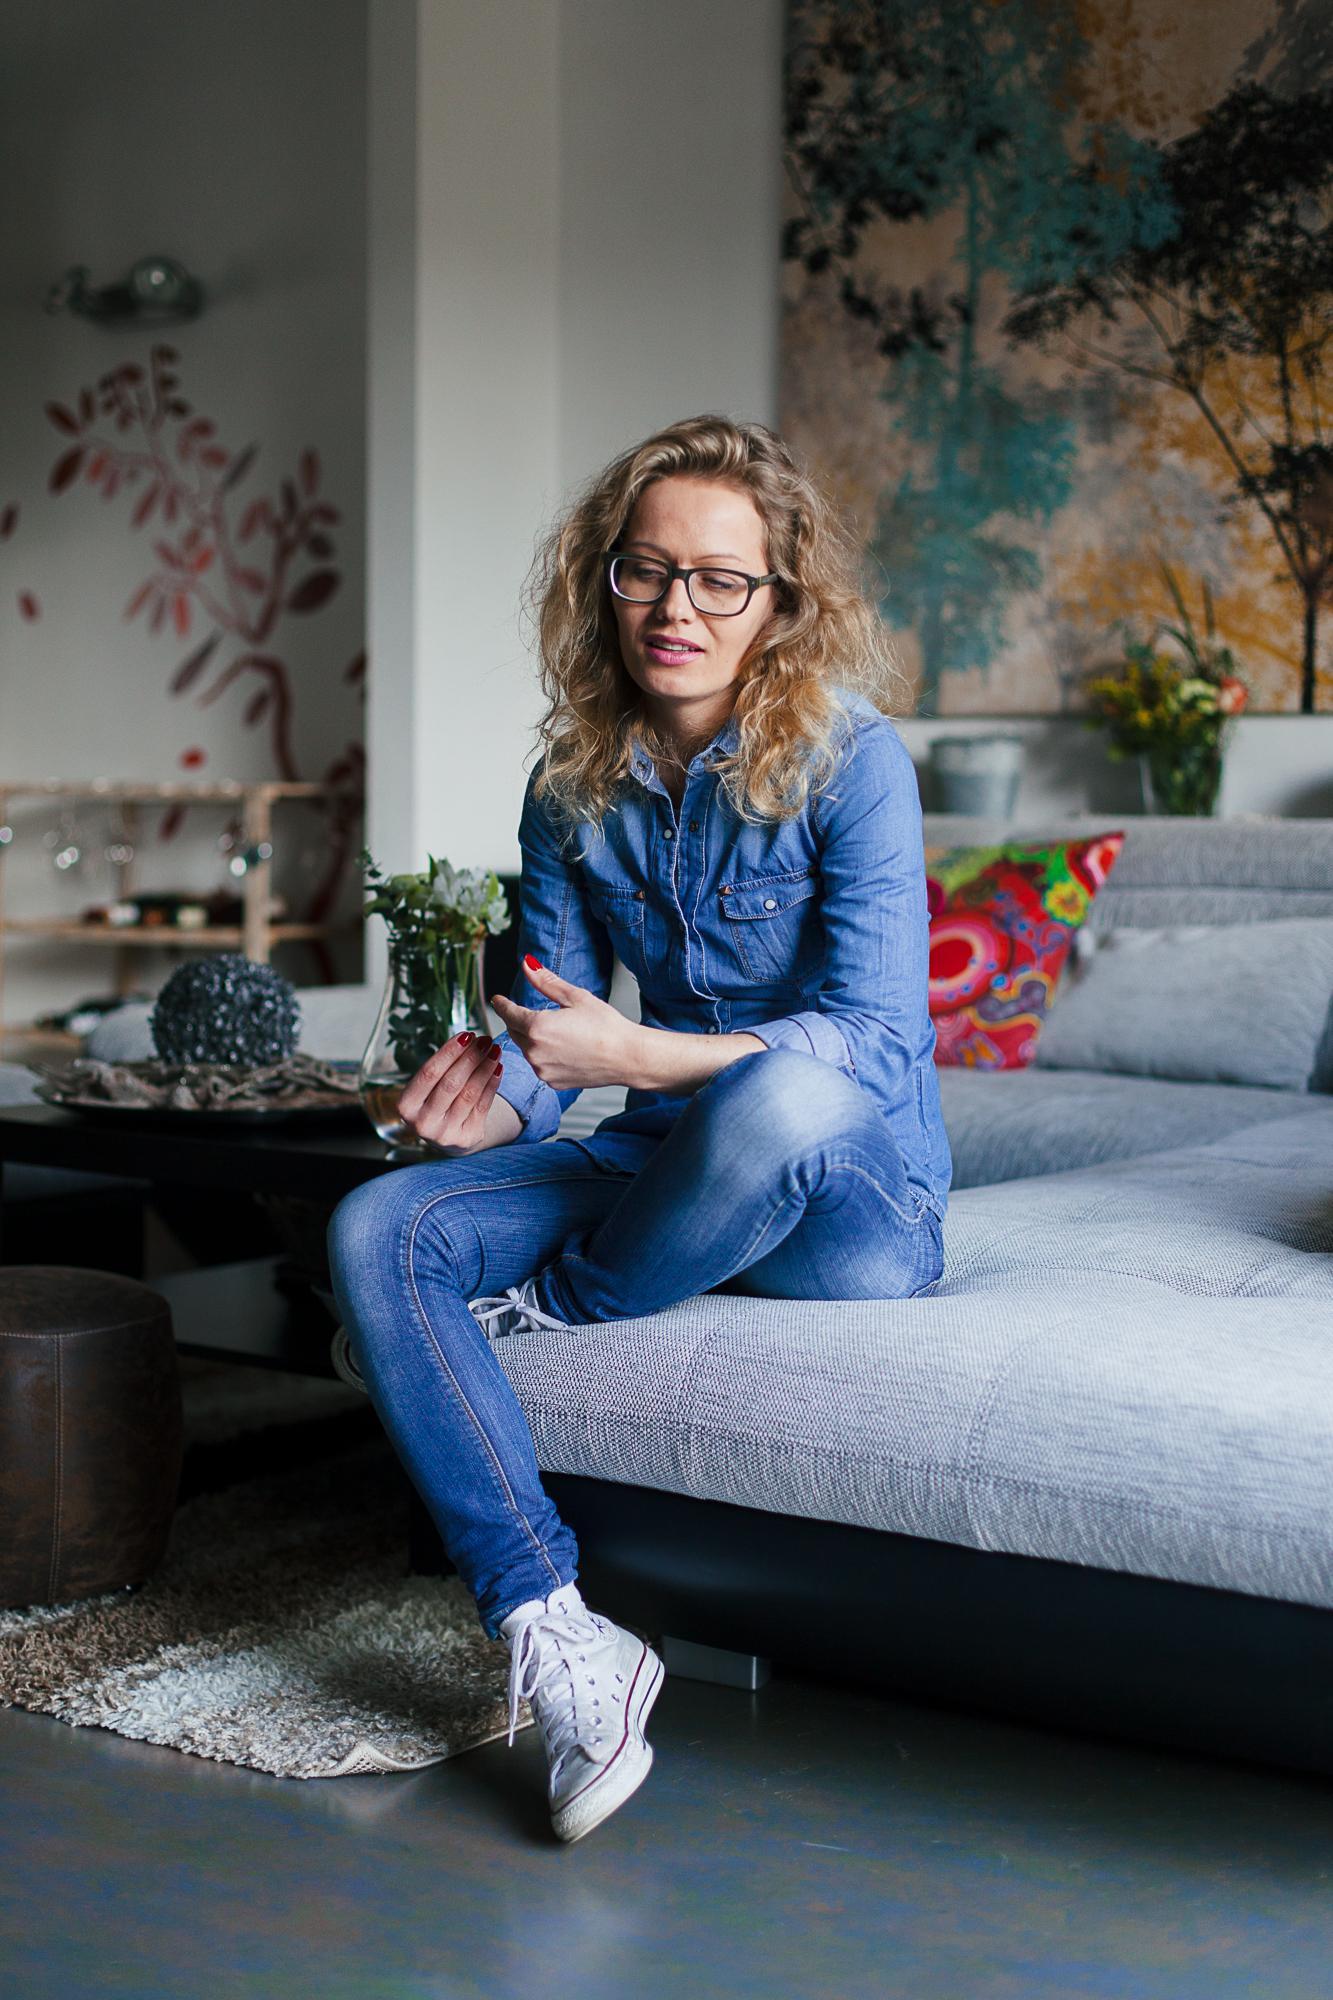 Lucie Trpisovska: 'Te jong om mama's dood te kunnen plaatsen.' © Mathias Hannes